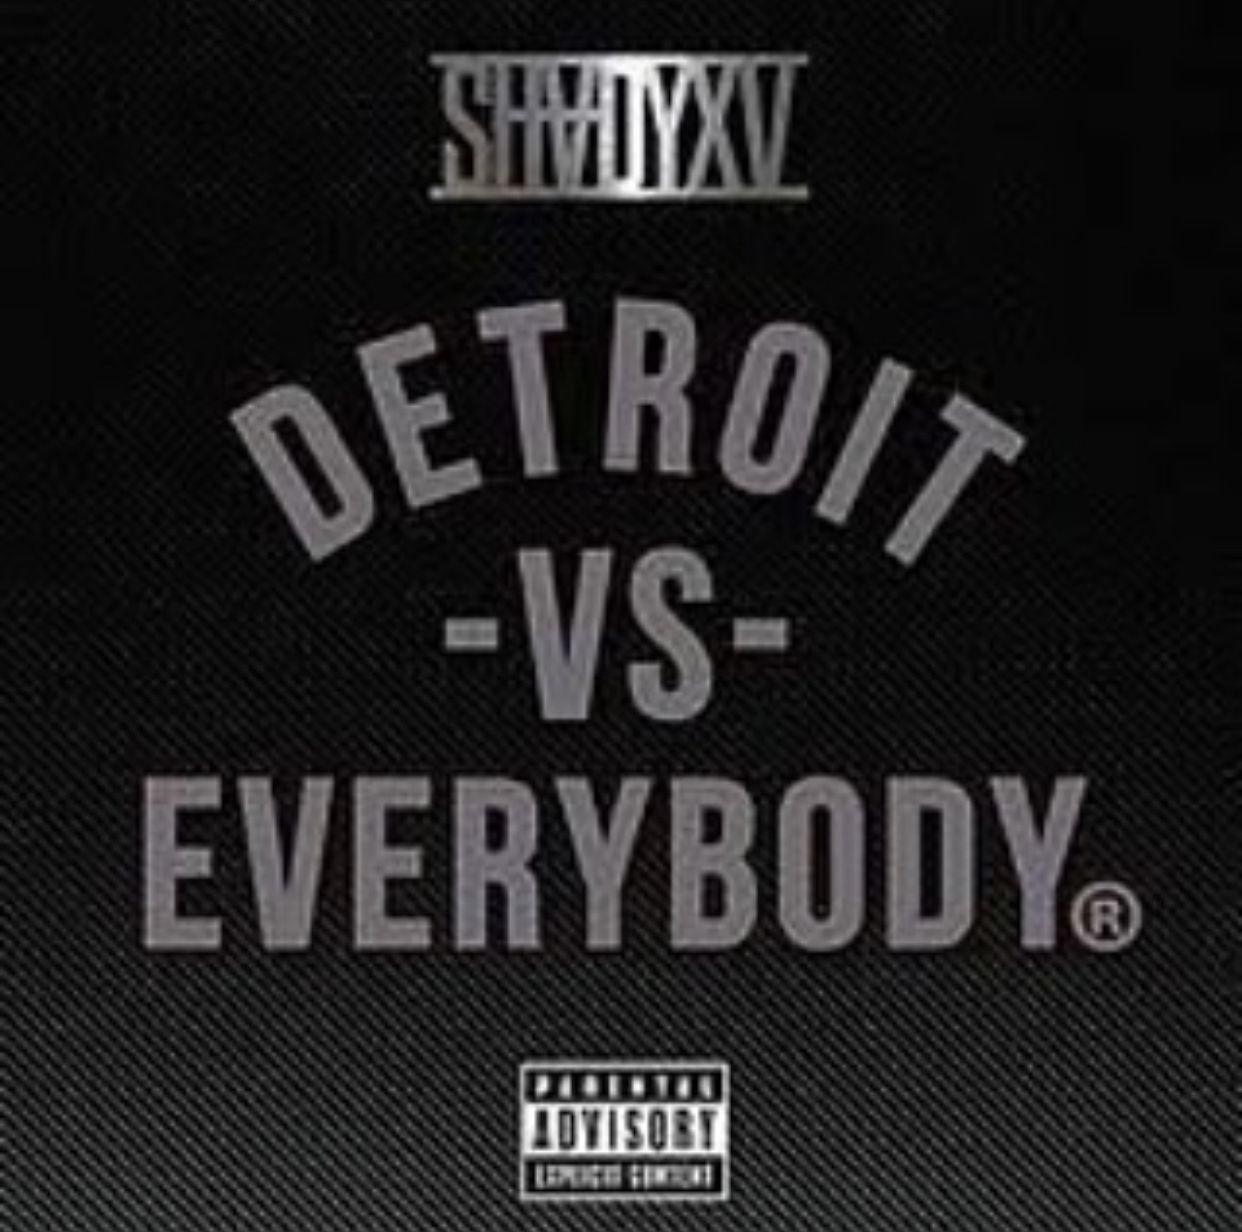 Pin By Jackie Trujillo On Eminem Detroit Vs Everybody Eminem